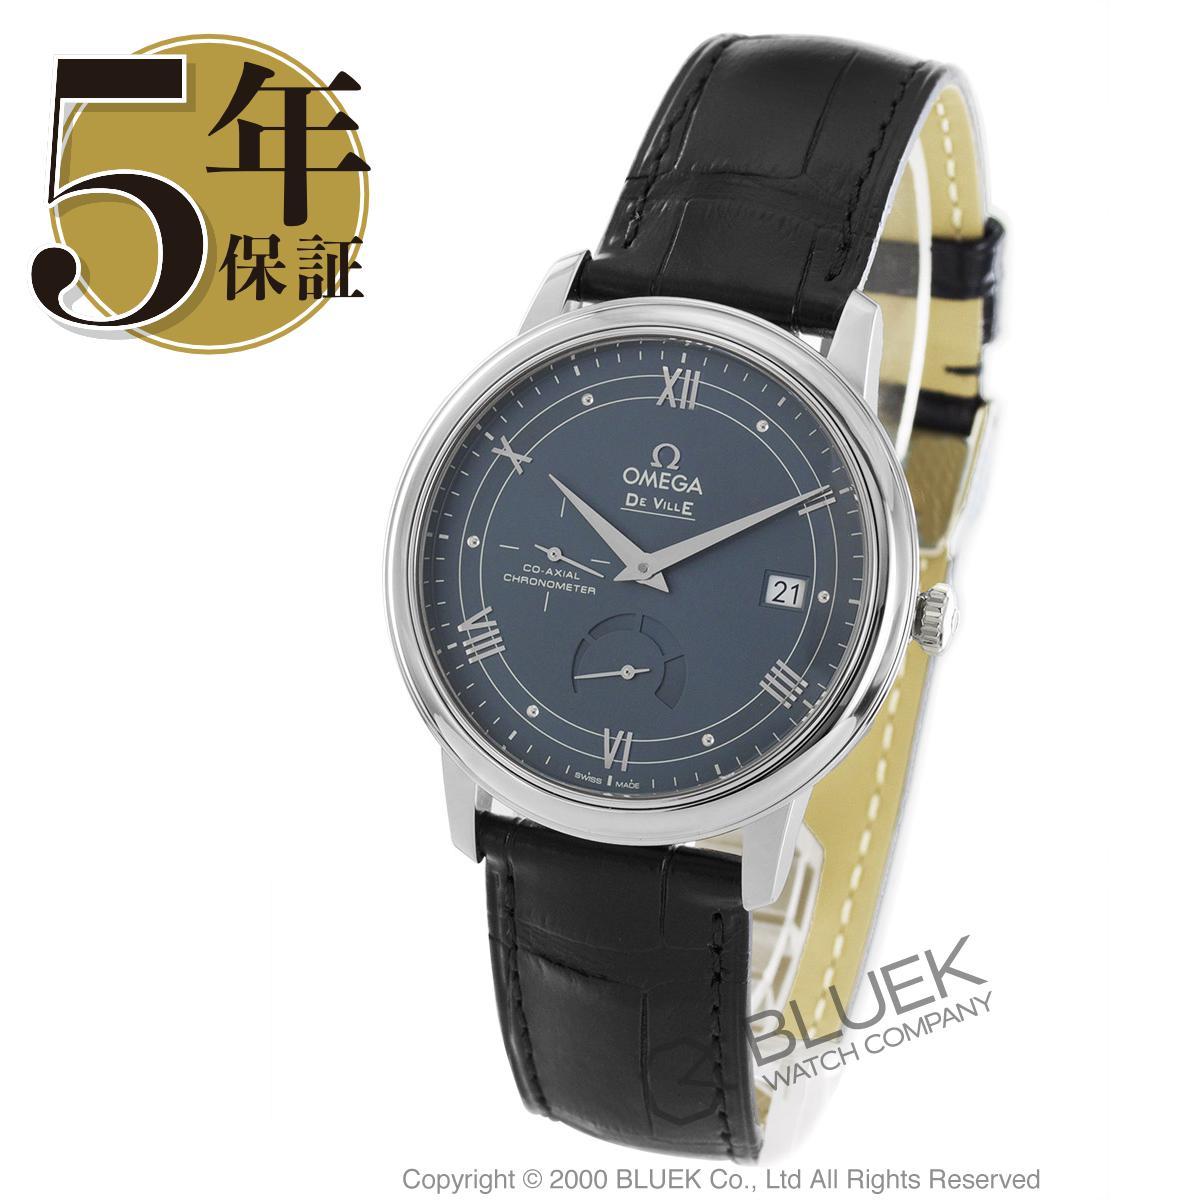 オメガ デビル プレステージ パワーリザーブ アリゲーターレザー 腕時計 メンズ OMEGA 424.13.40.21.03.002_5